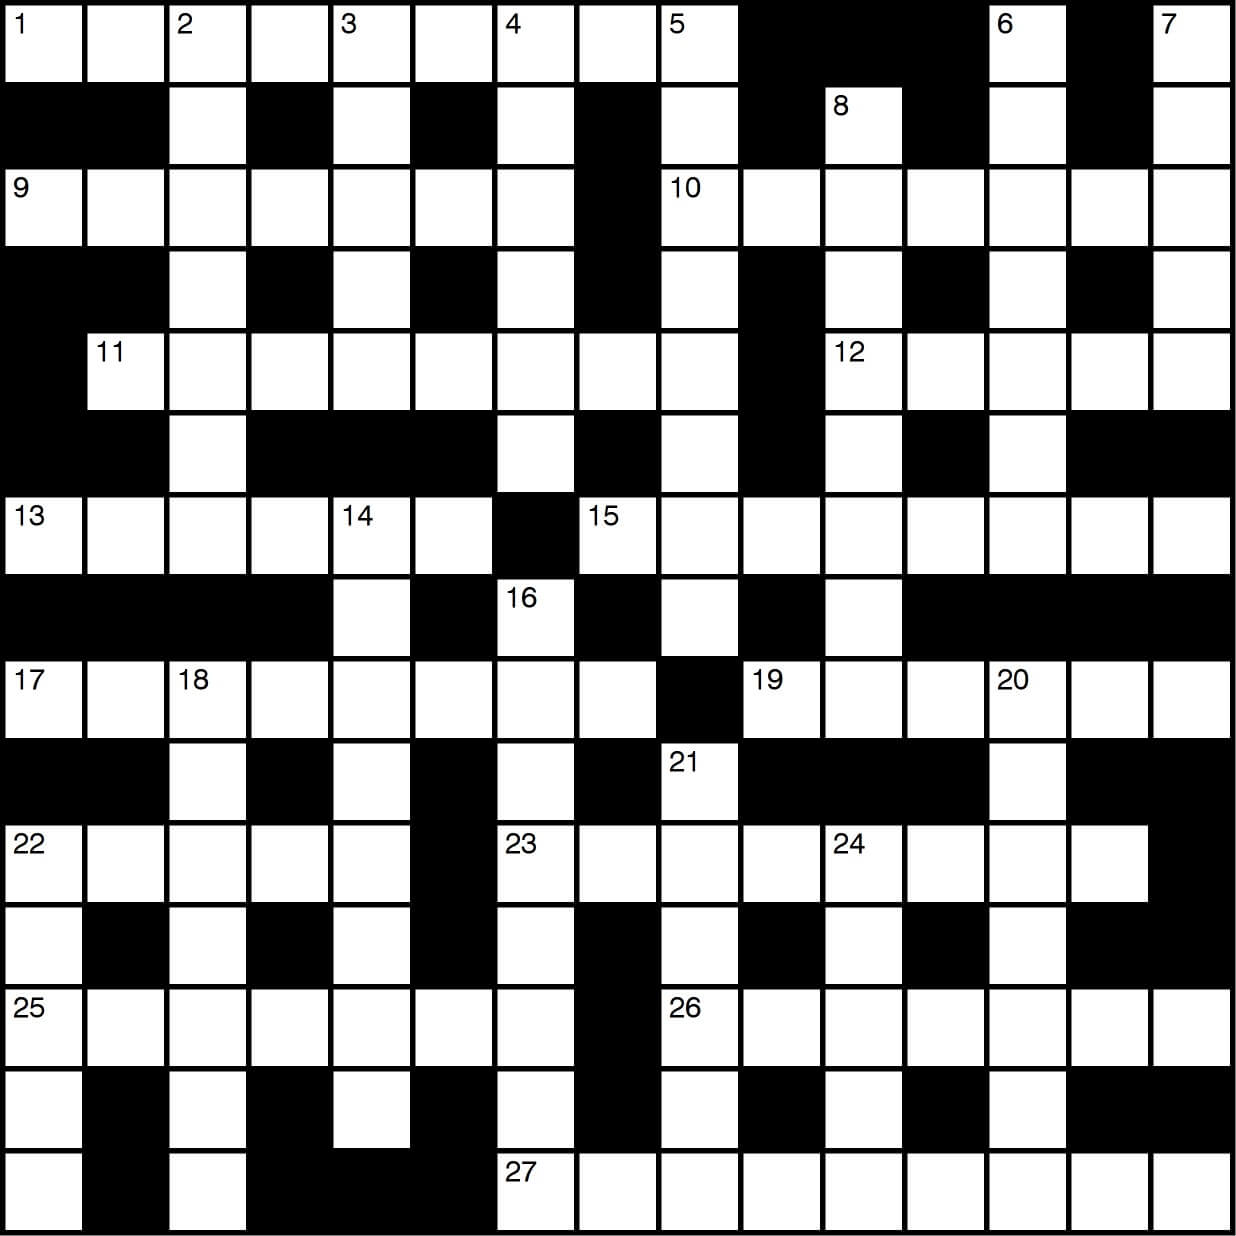 missing-vowels-uk-9